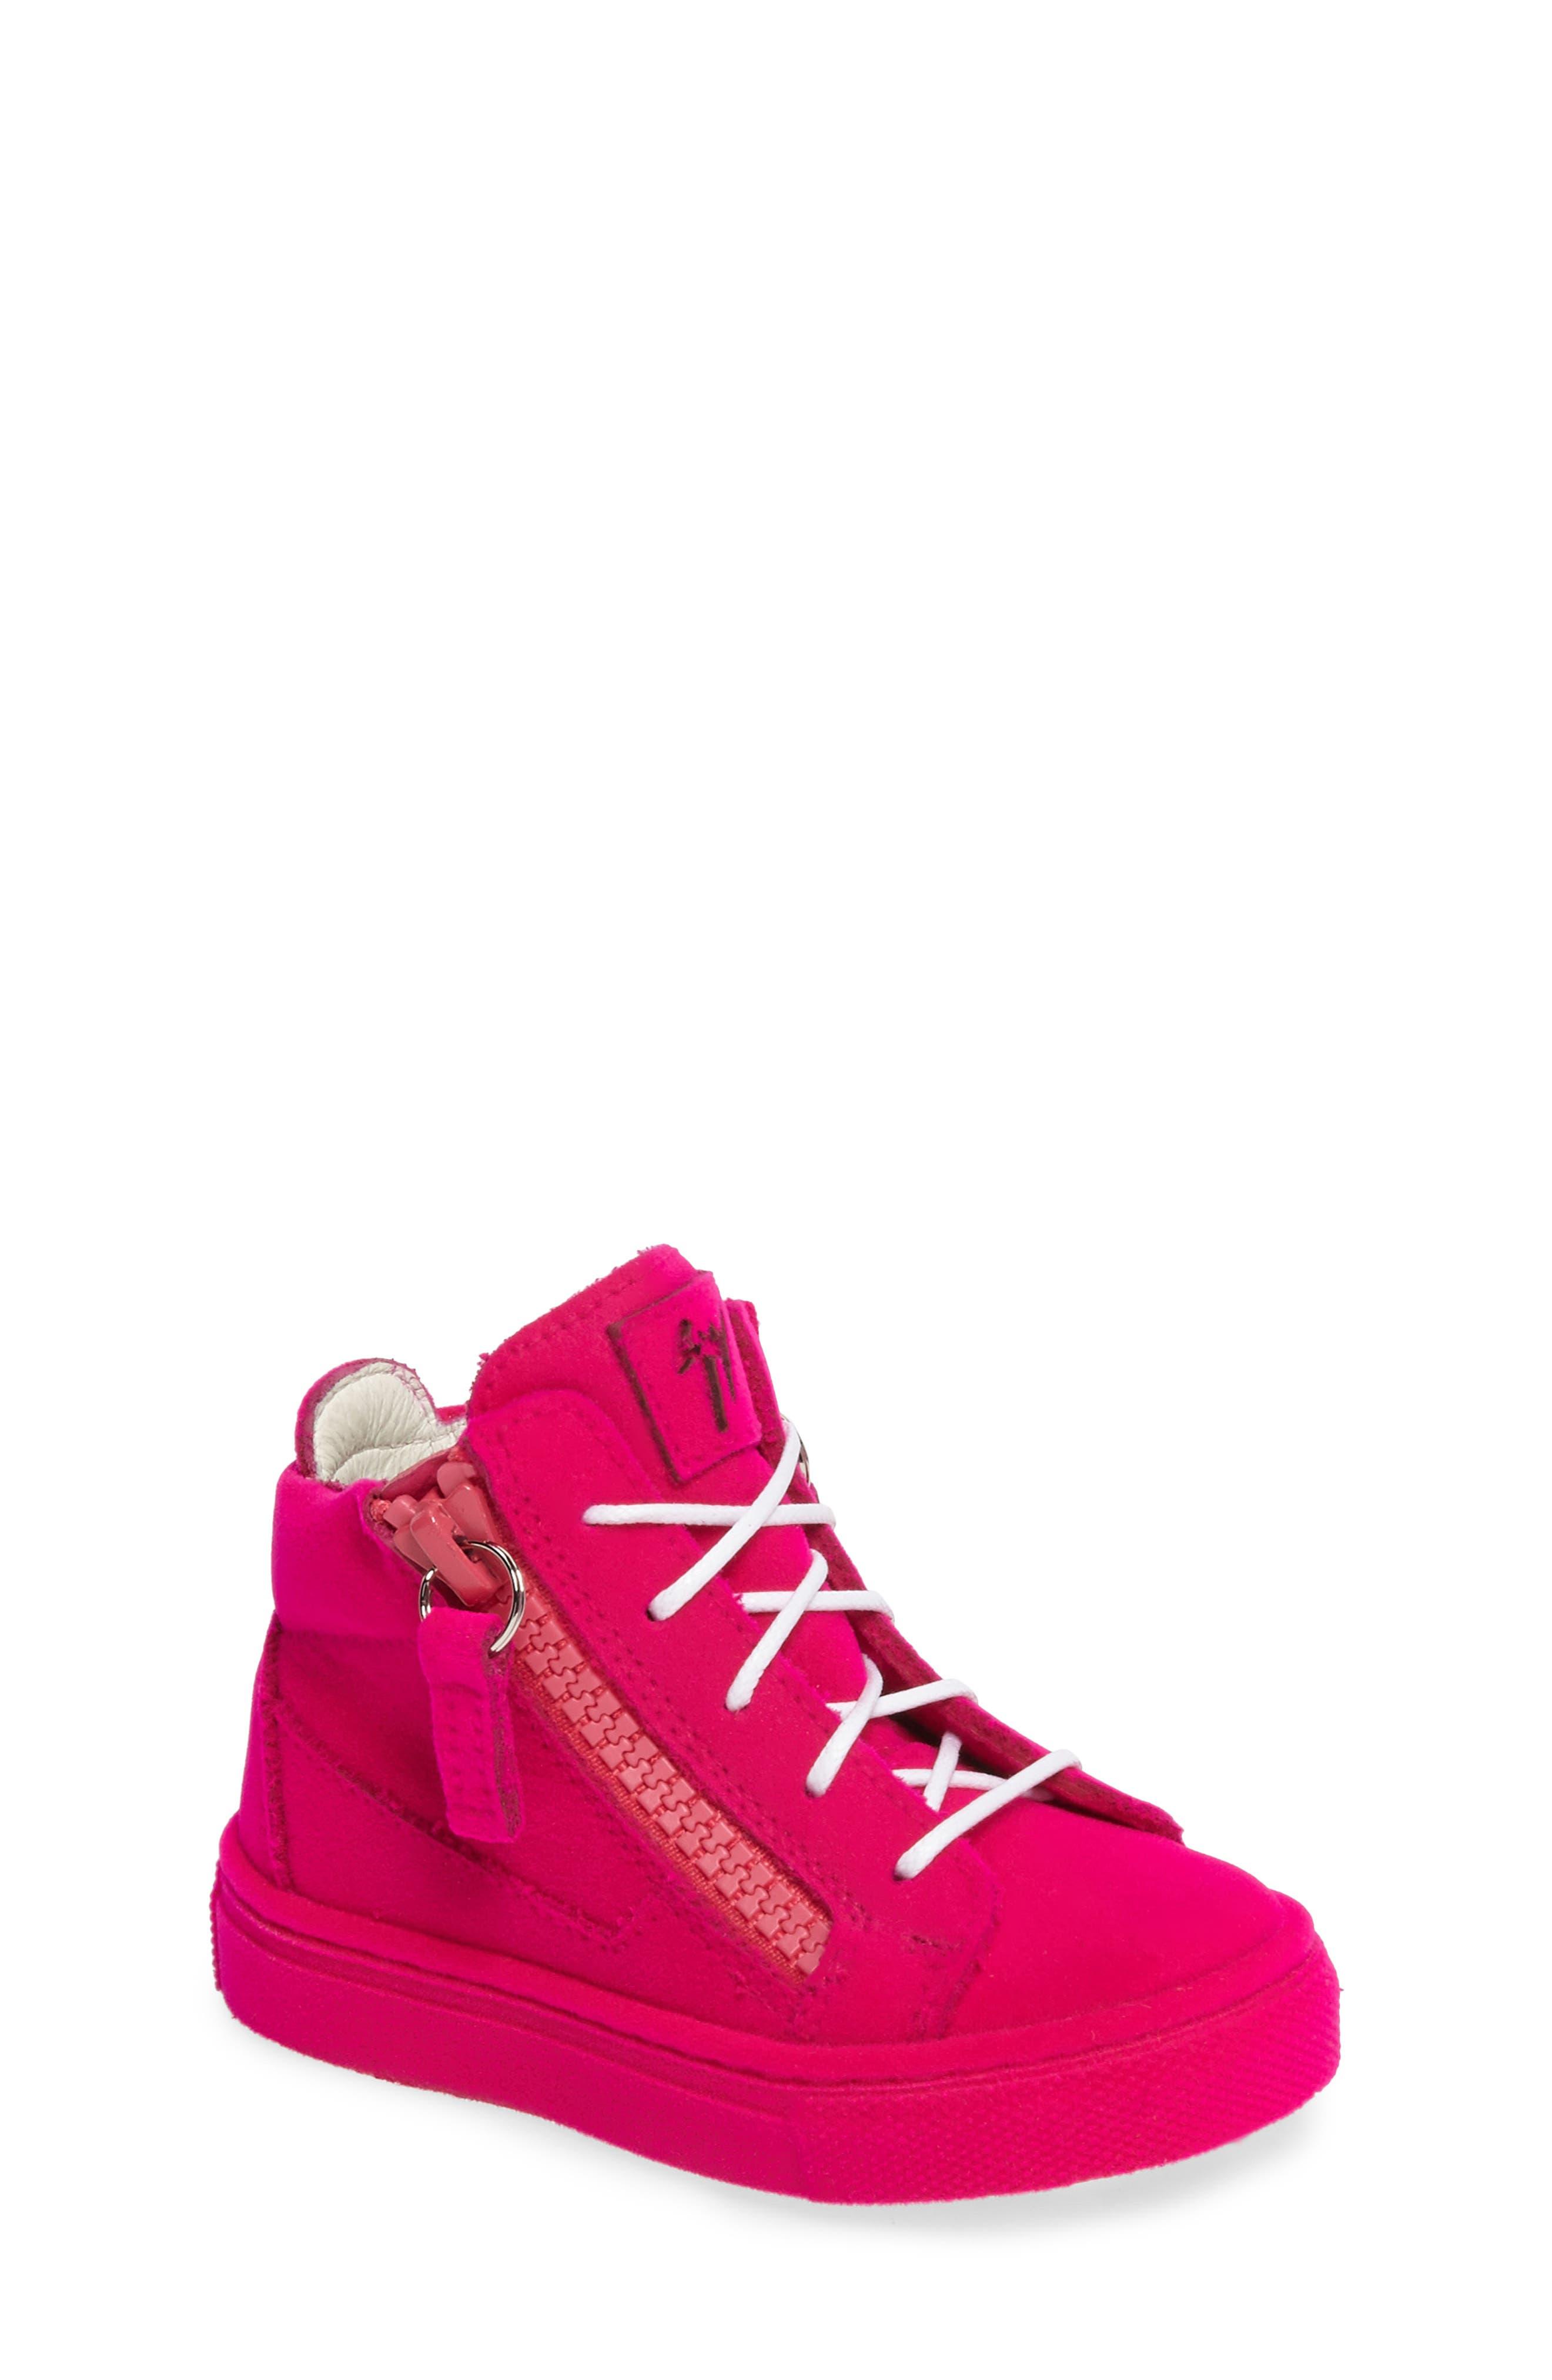 Alternate Image 1 Selected - Giuseppe Zanotti Smuggy Sneaker (Baby, Walker, Toddler & Little Kid)